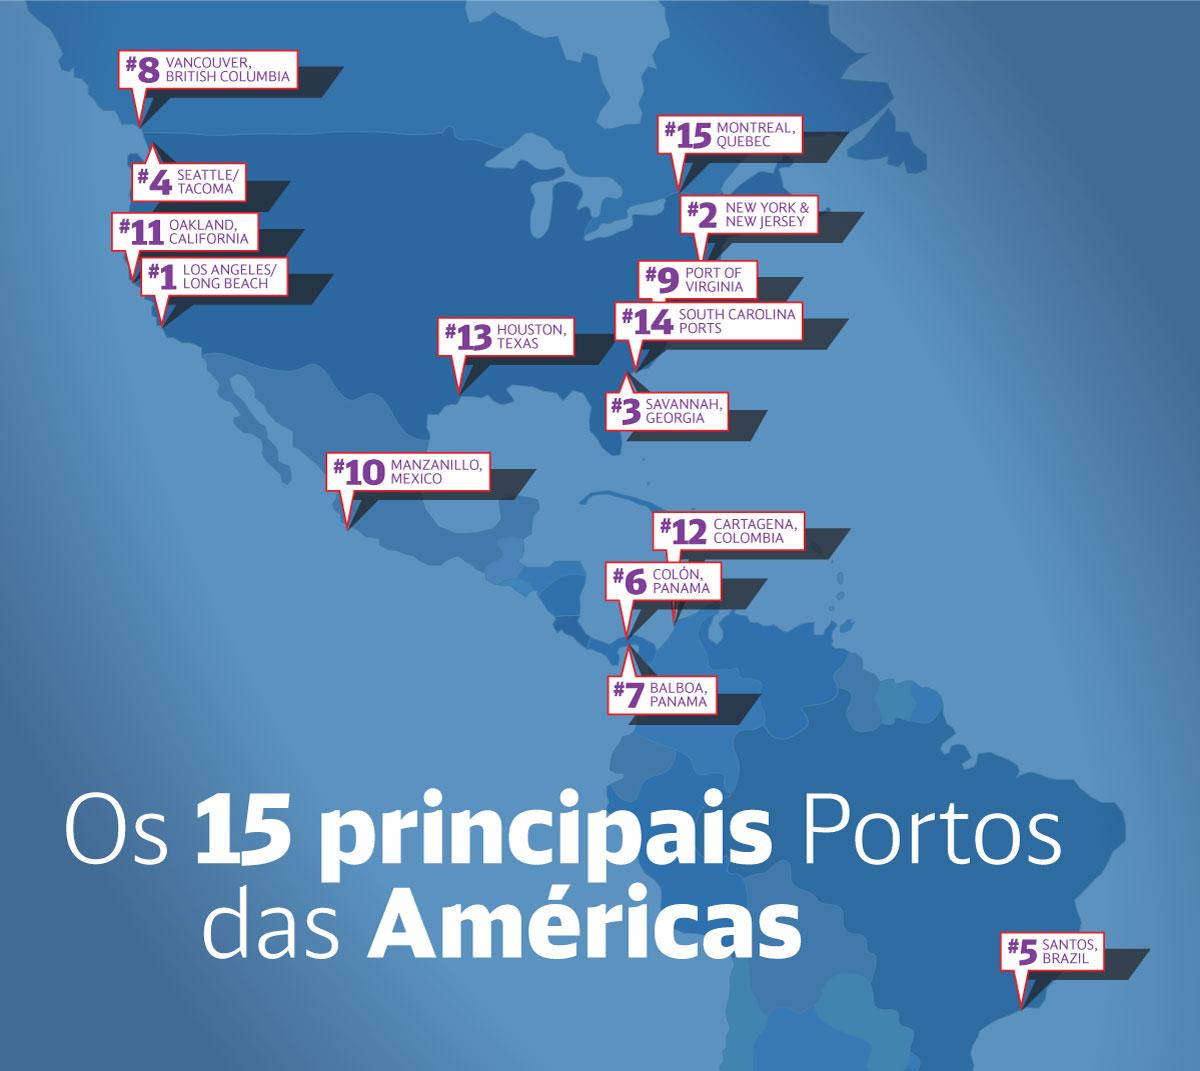 Os 15 principais Portos das Américas